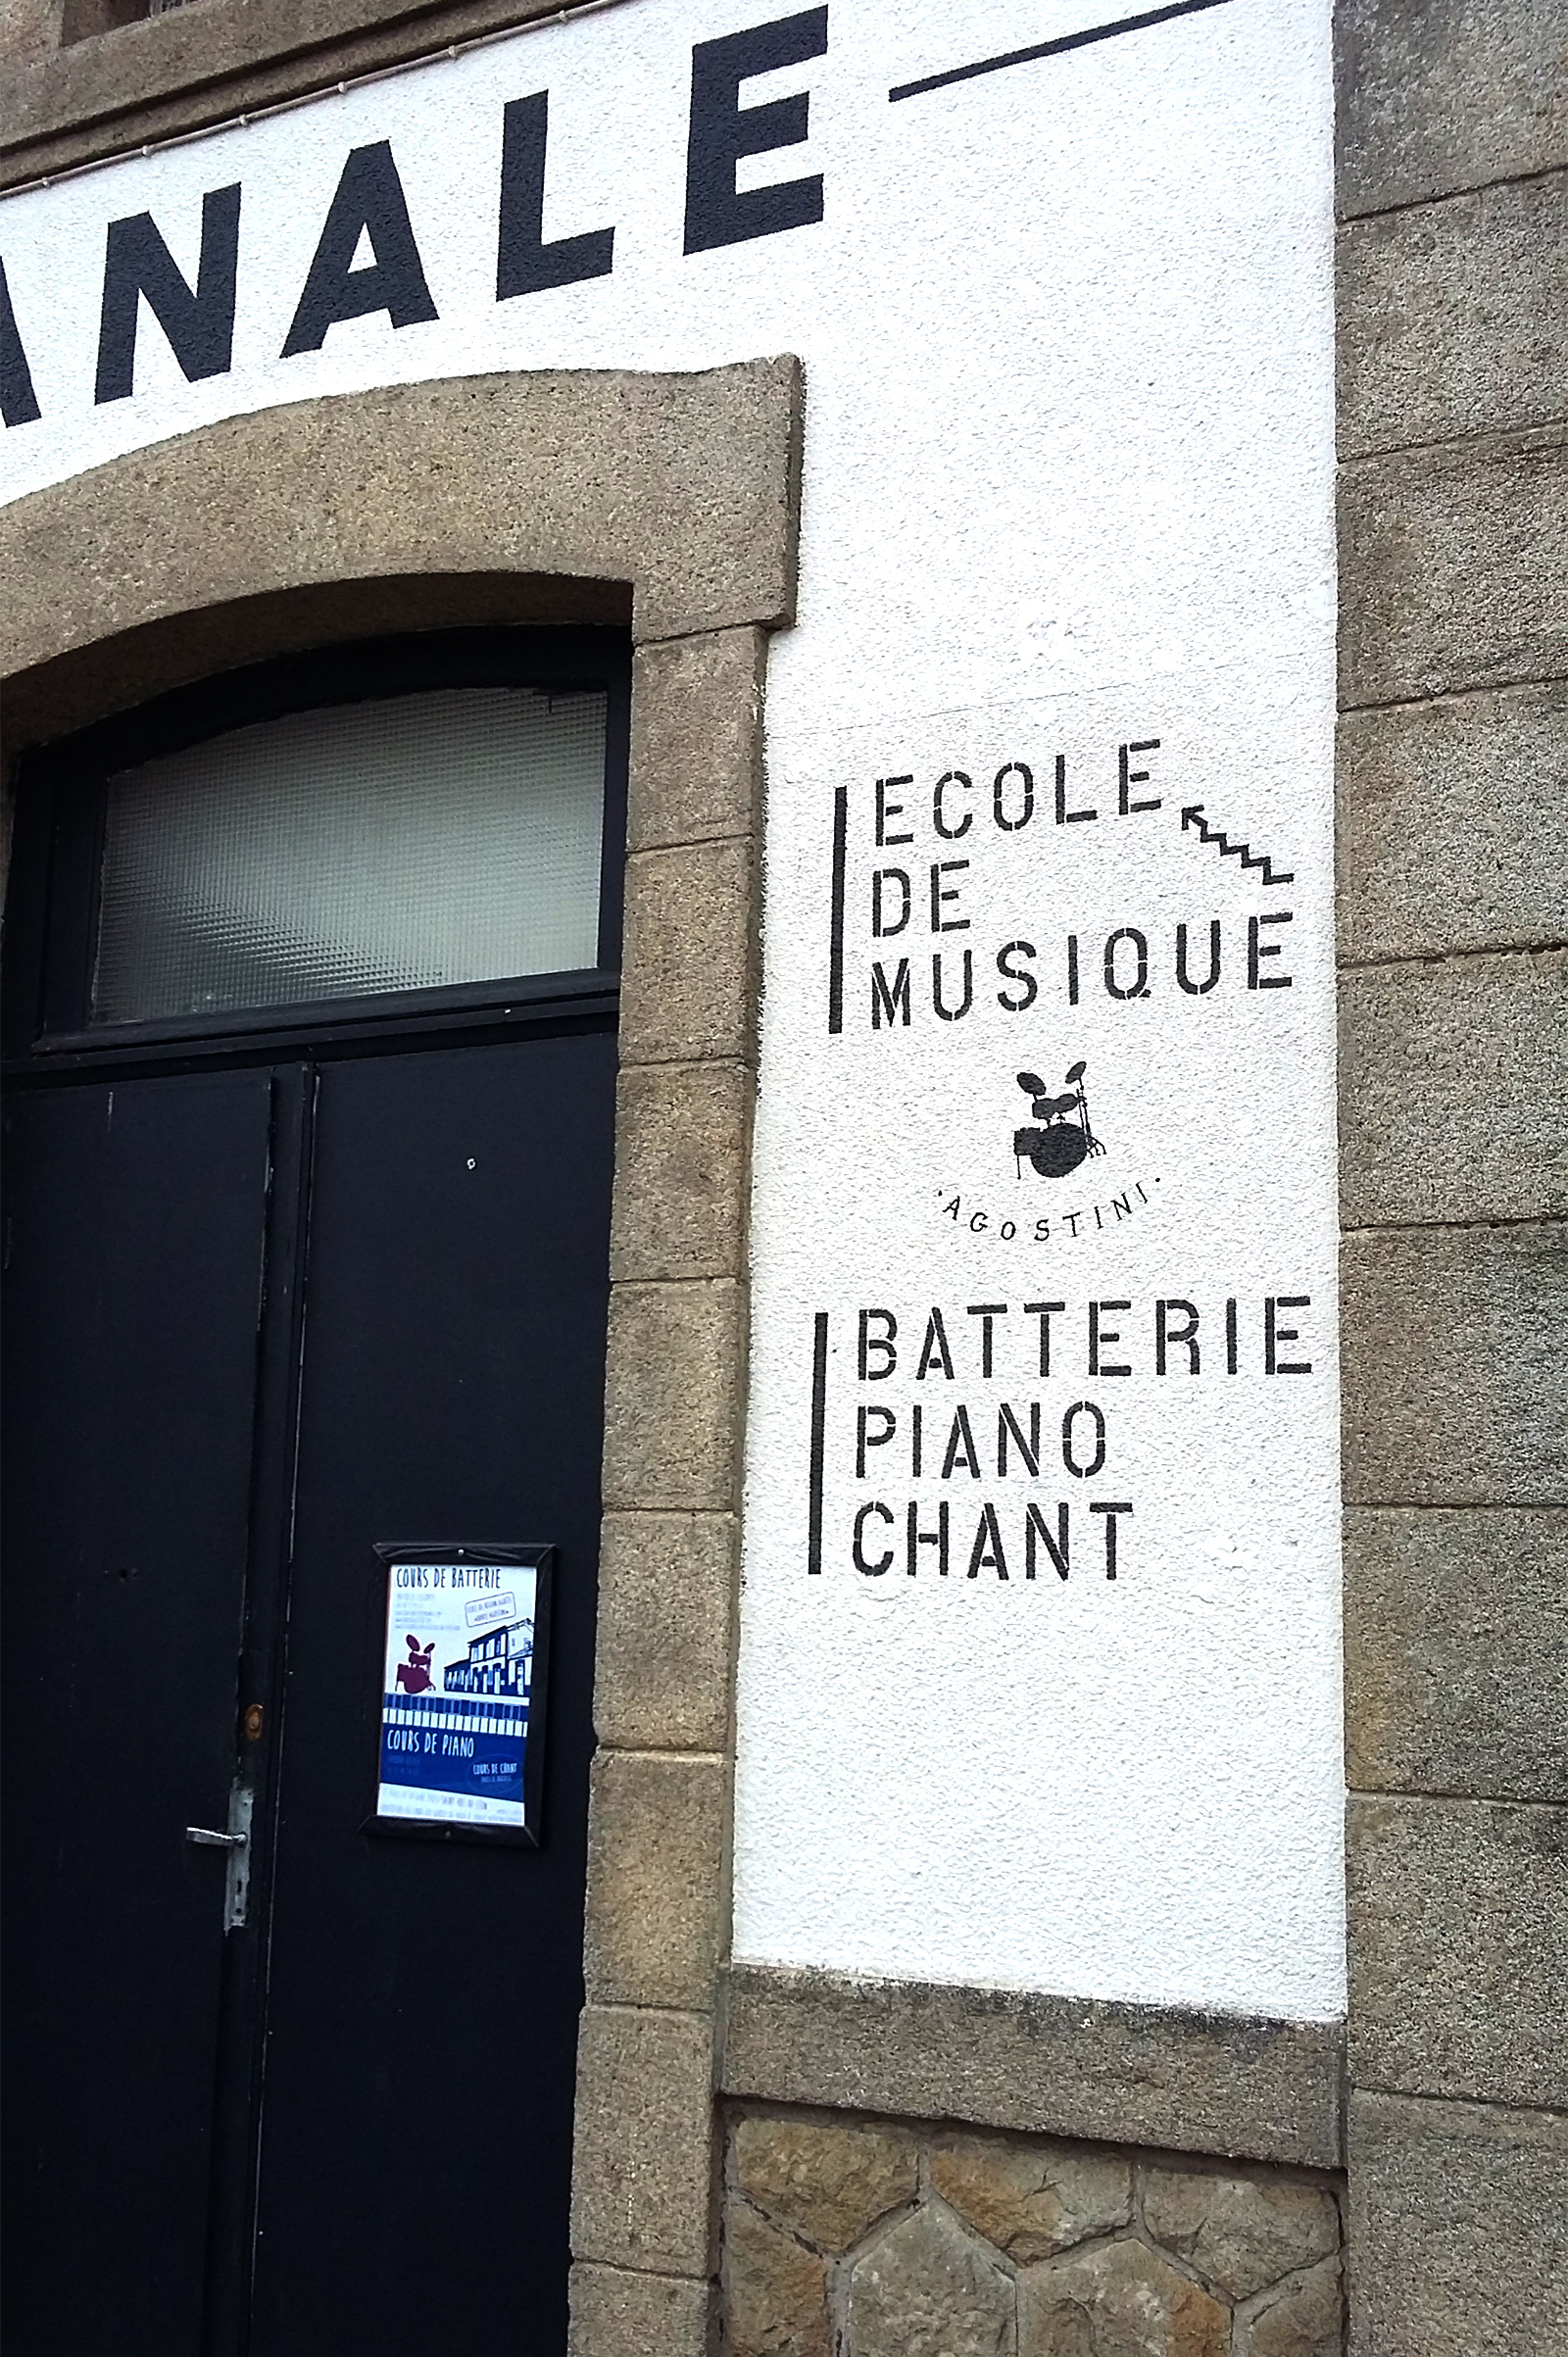 Signalisation dans le même style d'une école de musique à l'étage du bâtiment.